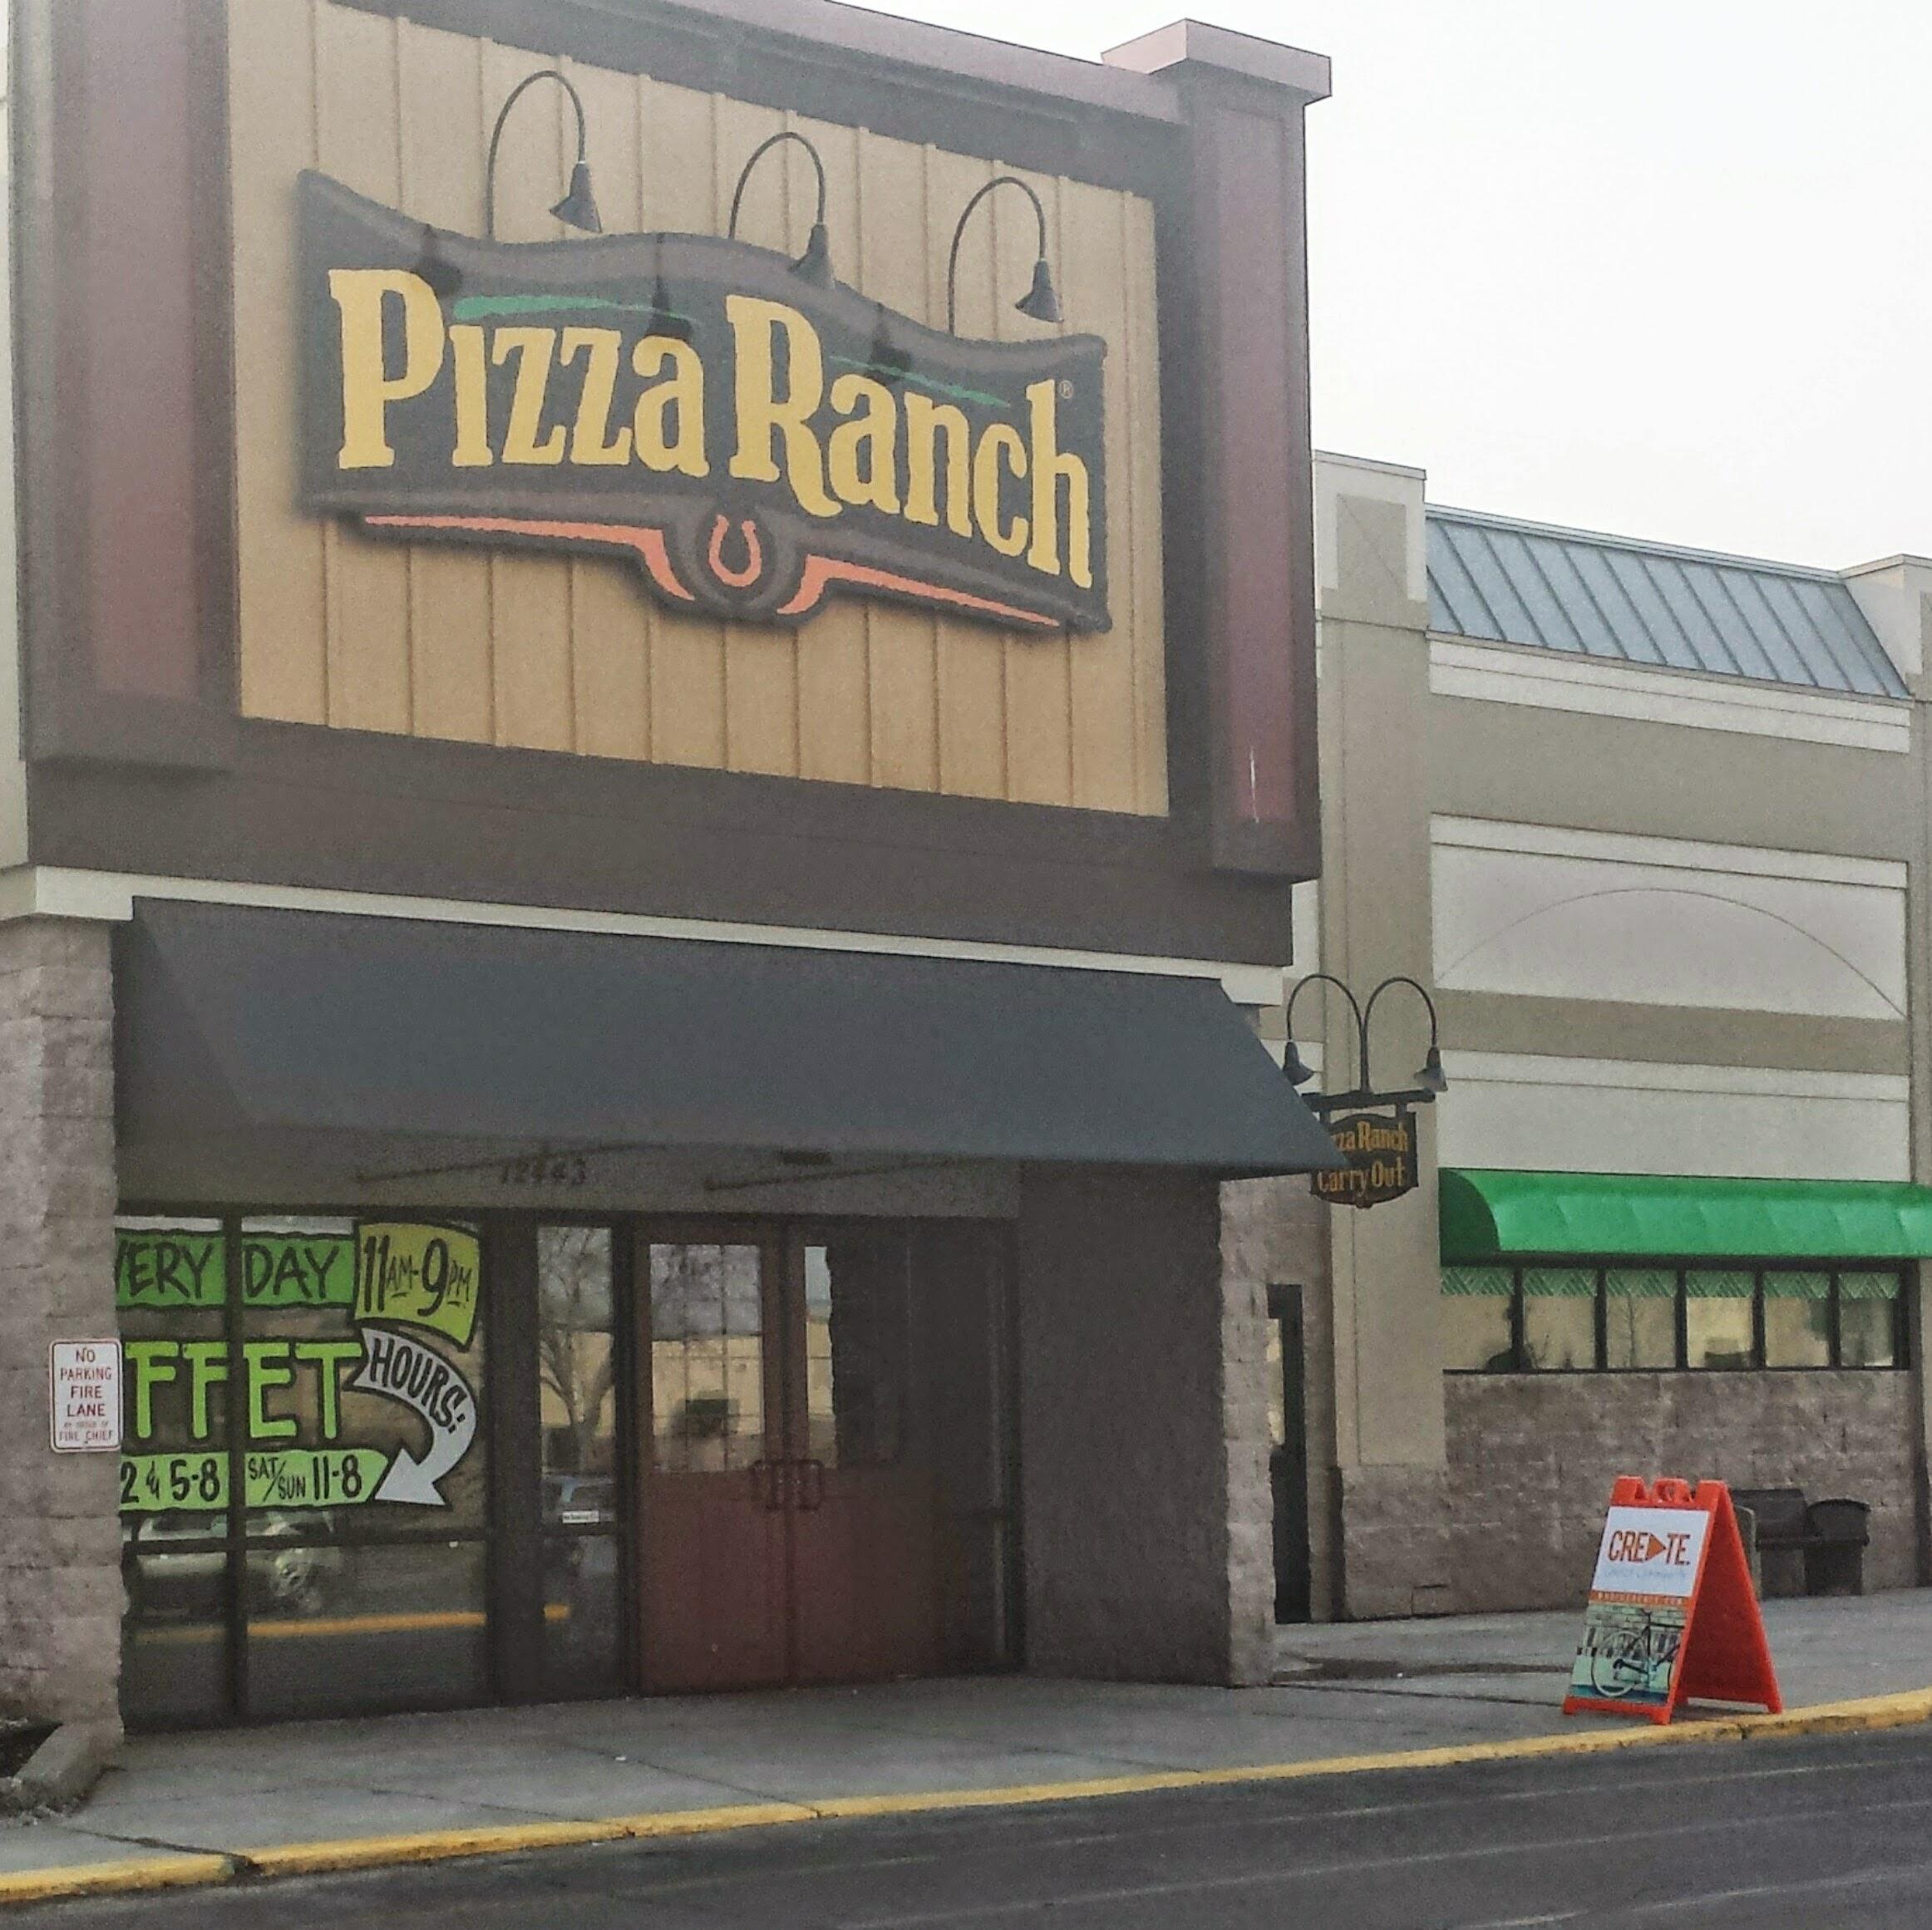 pizzr-ranch-exterior-2.jpg